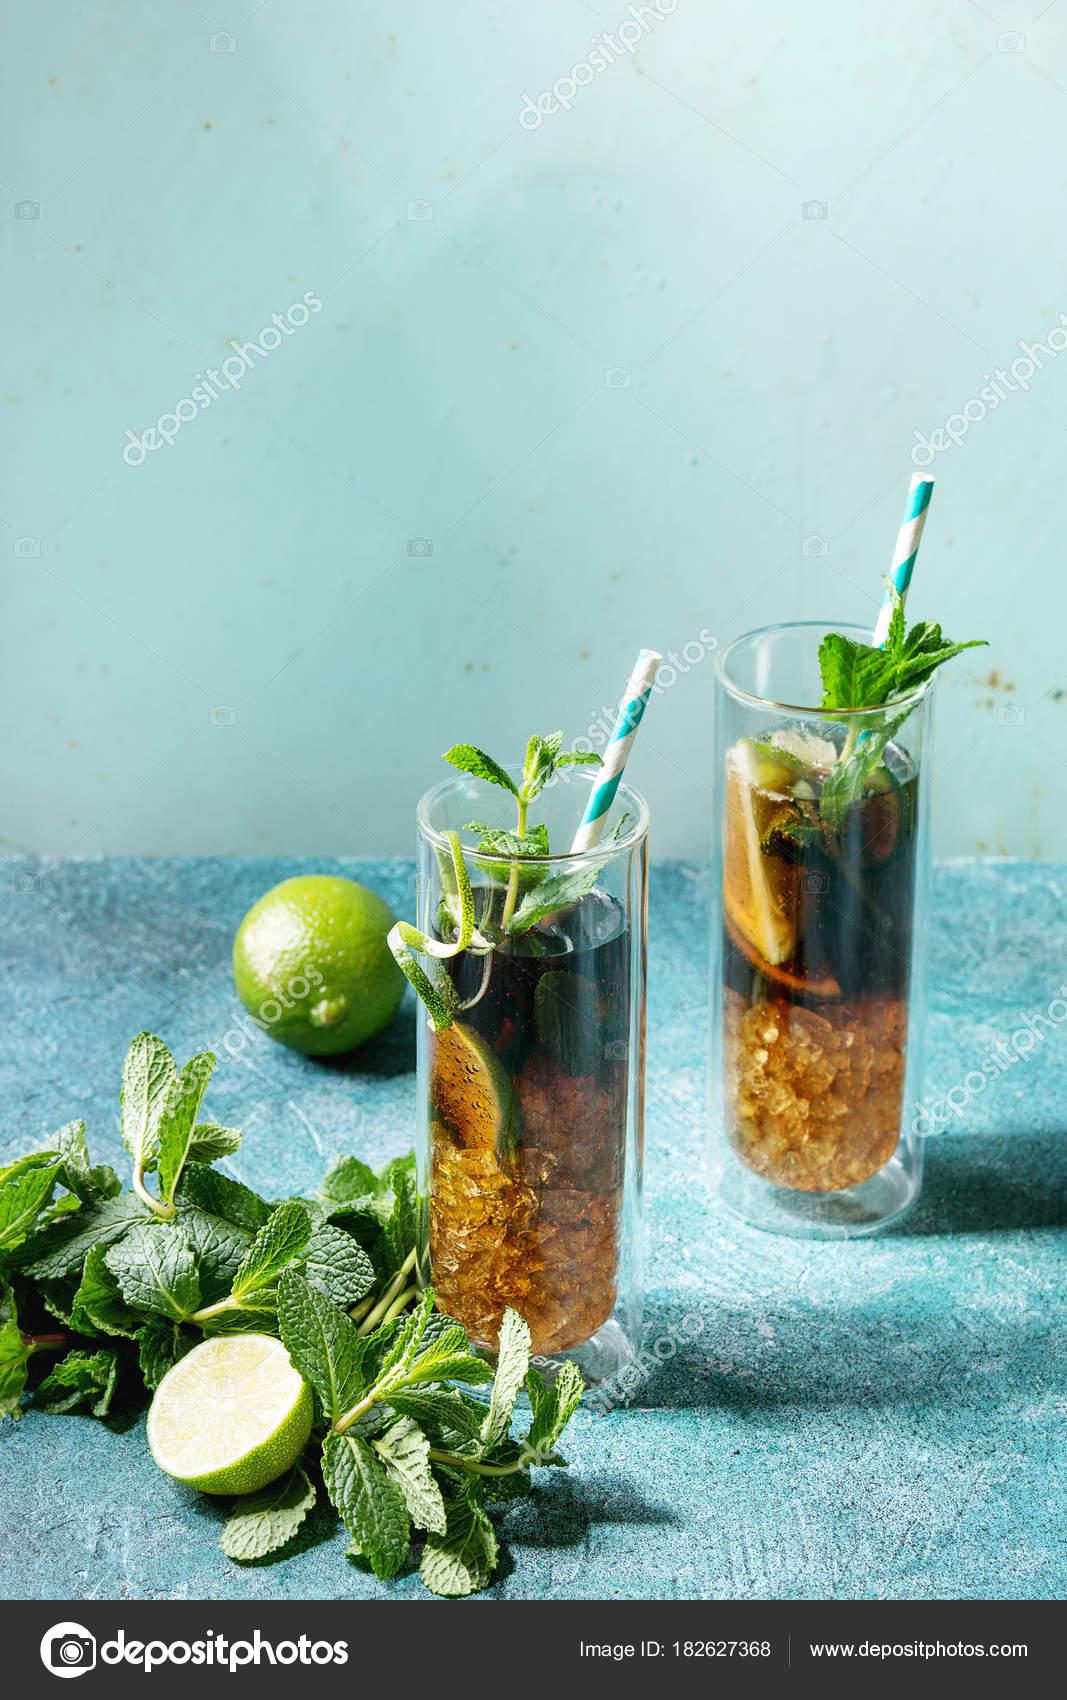 Inspirierend Zutaten Cuba Libre Galerie Von Zwei Gläser Von Klassischen Cocktail Mit Limette,